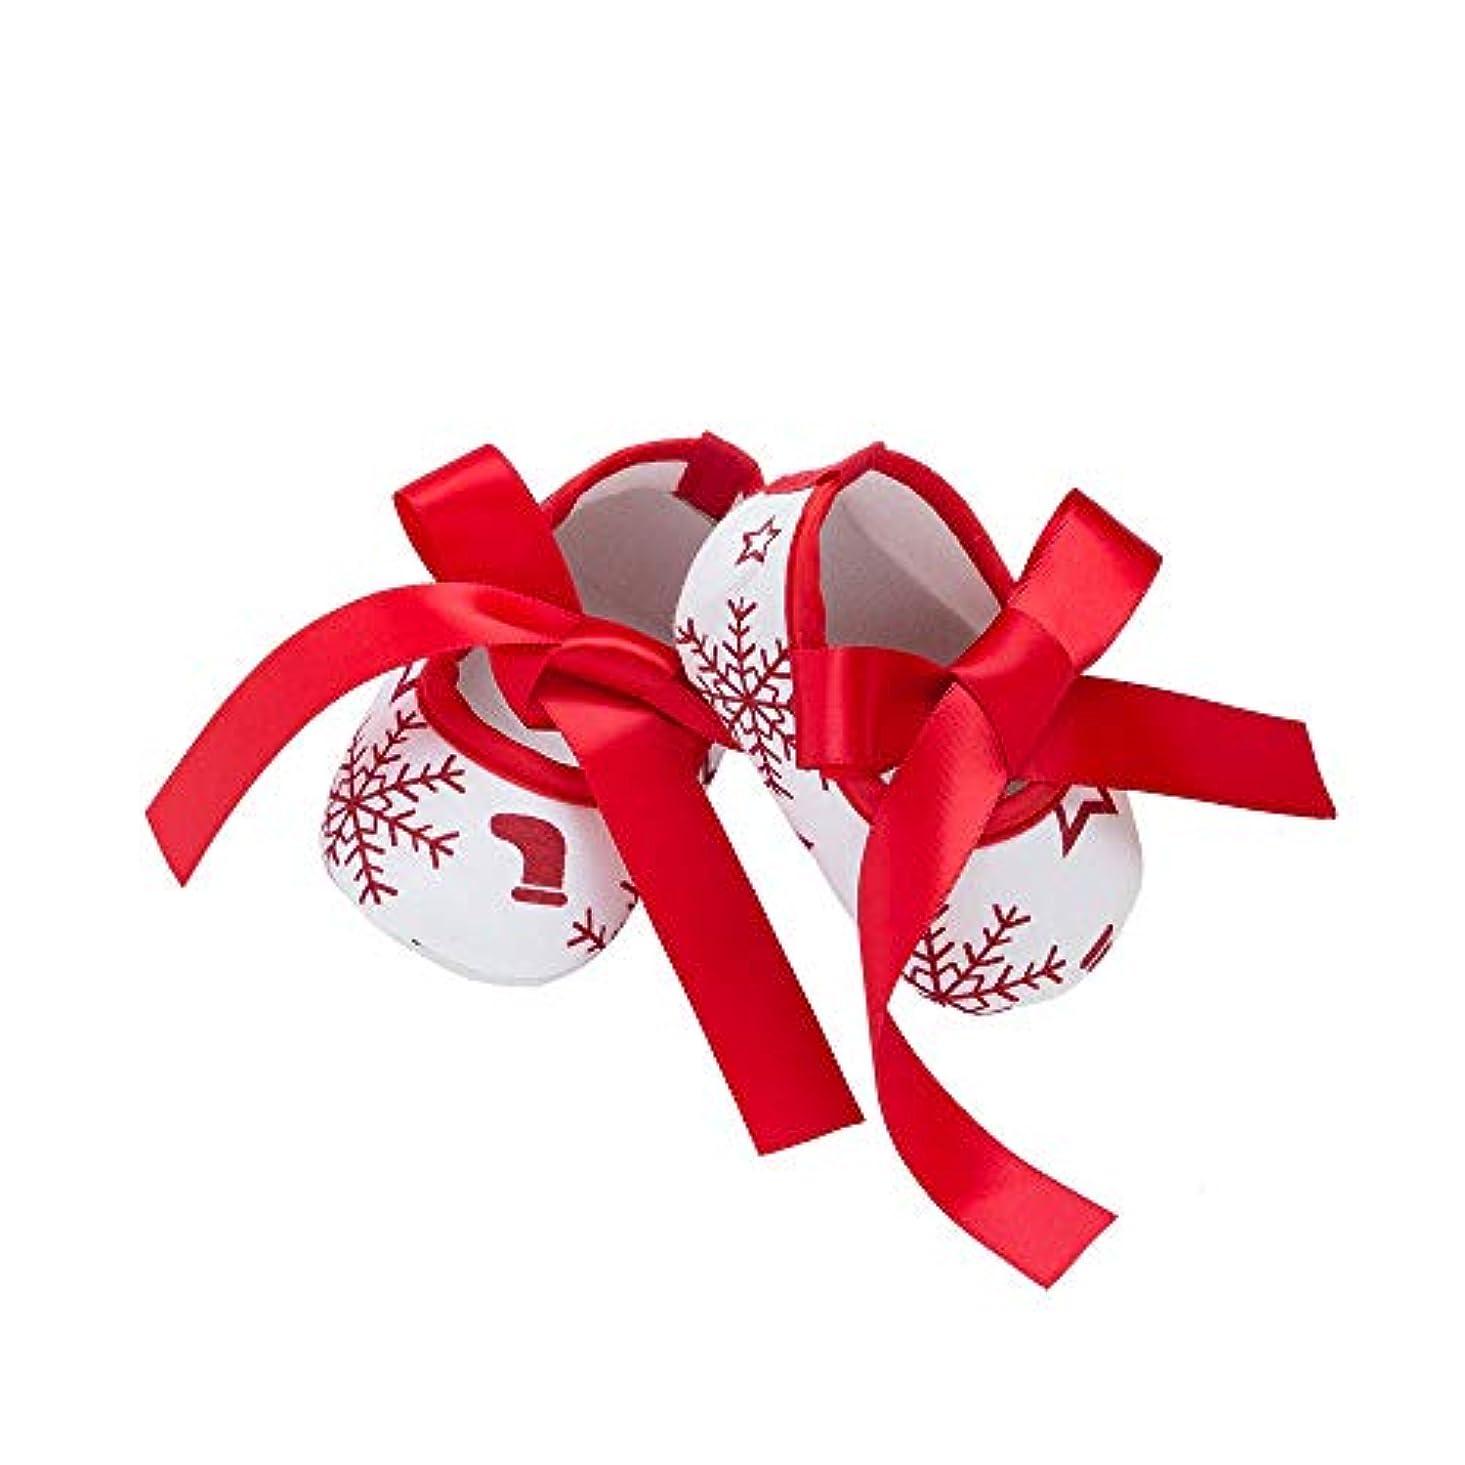 やさしい発信洞窟子供靴 Hosam クリスマス レース 蝶結び 新生児靴 幼児 赤ちゃん靴 ウォームブーツ シューズ ファーストシューズ 男の子 女の子 ベビーシューズ 運動靴 赤ちゃん き心地いい 記念日 誕生日 プレゼント 出産お祝い